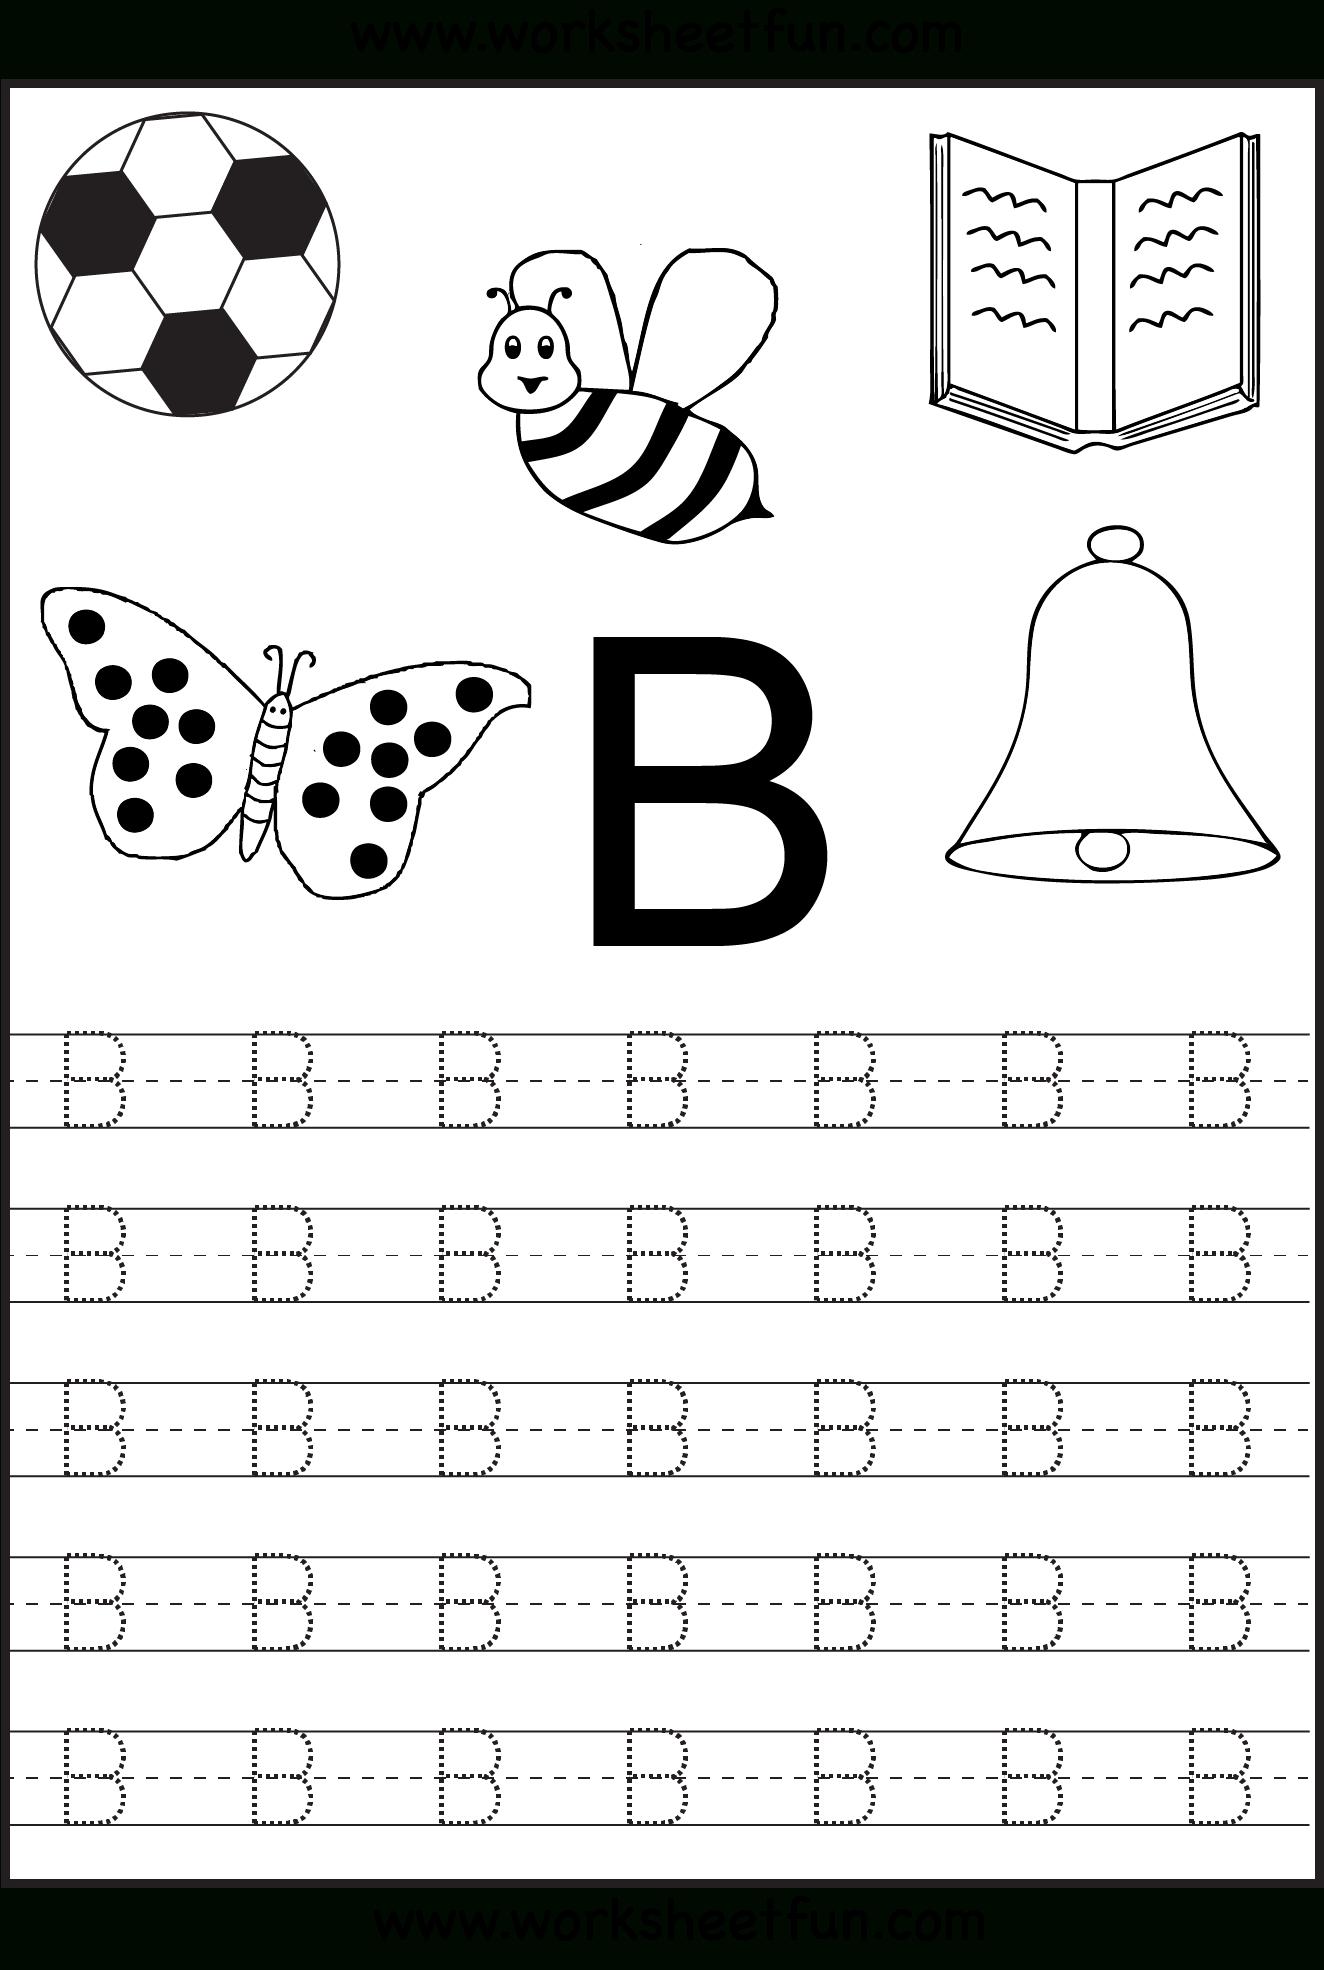 Free Printable Letter Tracing Worksheets For Kindergarten regarding Alphabet I Worksheets For Kindergarten